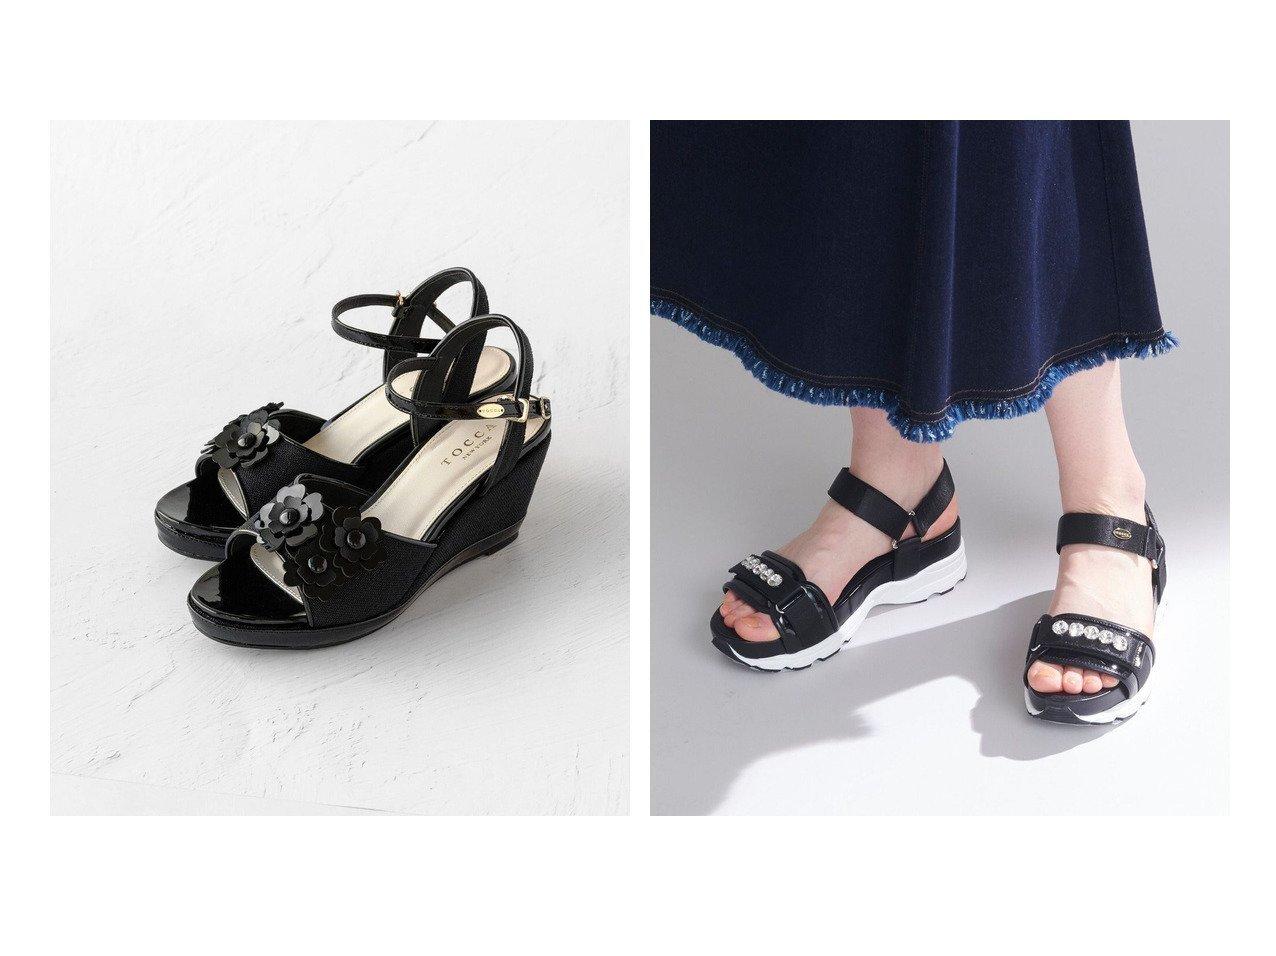 【TOCCA/トッカ】のPRIMULA SANDALS サンダル&BIJOUX SPORTS SANDALS サンダル 【シューズ・靴】おすすめ!人気トレンド・レディースファッション通販 おすすめで人気の流行・トレンド、ファッションの通販商品 インテリア・家具・メンズファッション・キッズファッション・レディースファッション・服の通販 founy(ファニー) https://founy.com/ ファッション Fashion レディースファッション WOMEN スポーツウェア Sportswear サンダル / ミュール Sandals スポーツ シューズ Shoes 送料無料 Free Shipping 2021年 2021 2021春夏・S/S SS/Spring/Summer/2021 S/S・春夏 SS・Spring/Summer エナメル サンダル シューズ ストーン スポーツ ビジュー リュクス 再入荷 Restock/Back in Stock/Re Arrival 厚底 夏 Summer 雑誌 エレガント サマー フェミニン フラワー 定番 Standard  ID:crp329100000046891